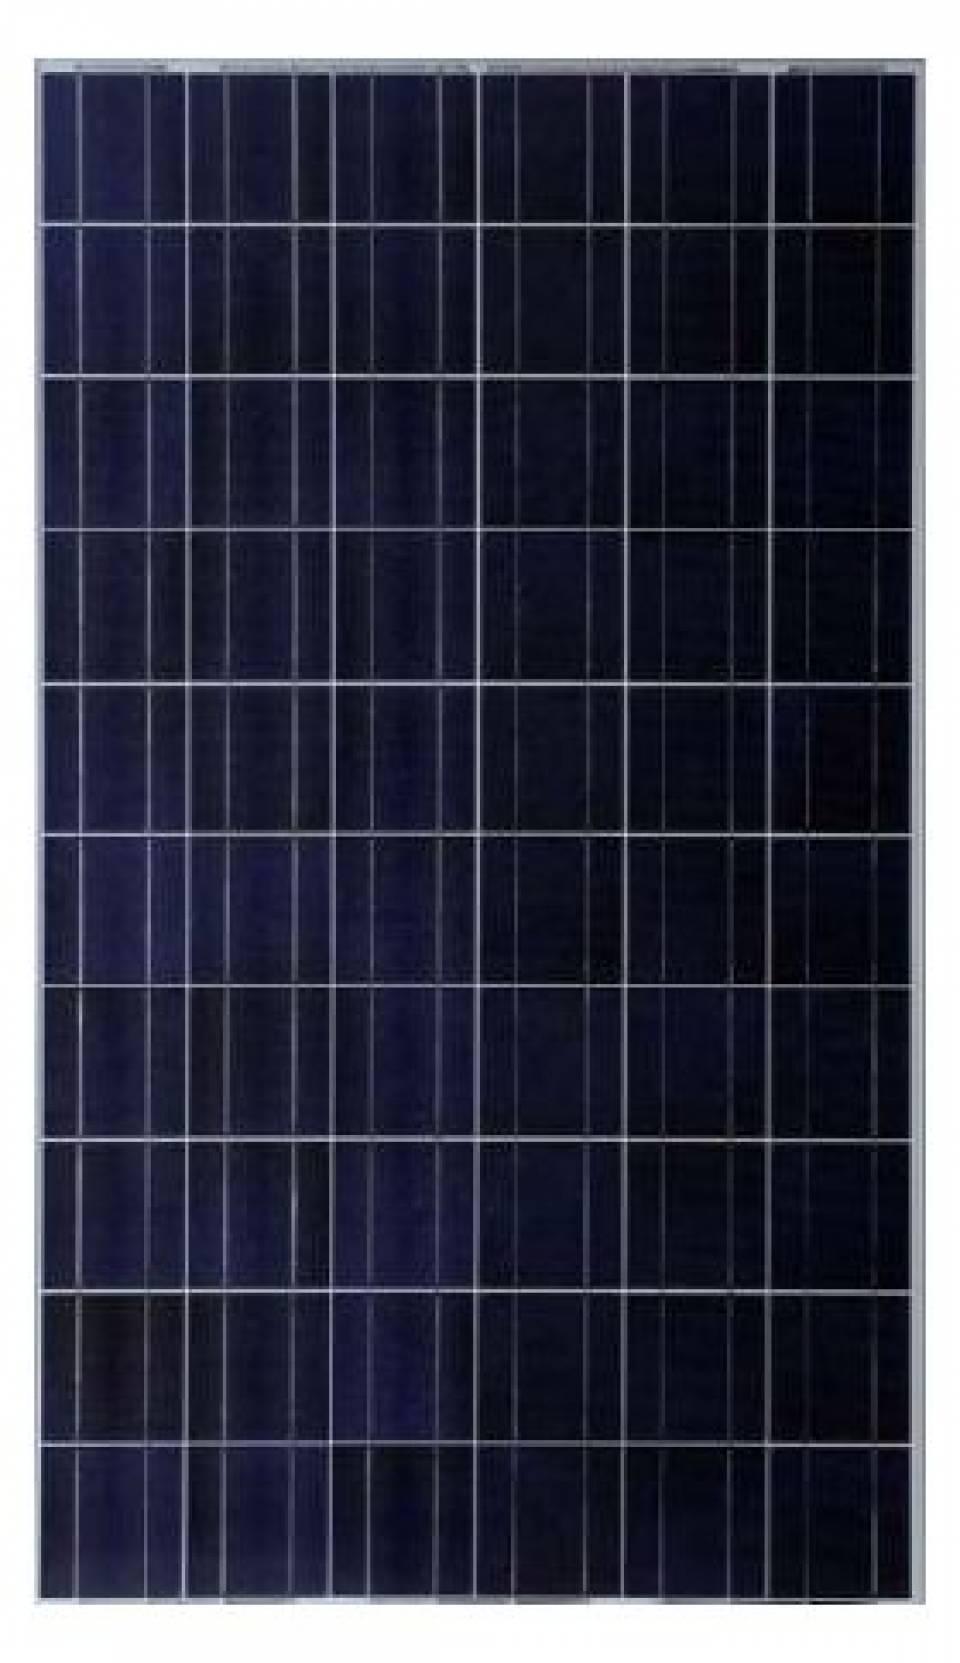 Panouri fotovoltaice policristaline37713